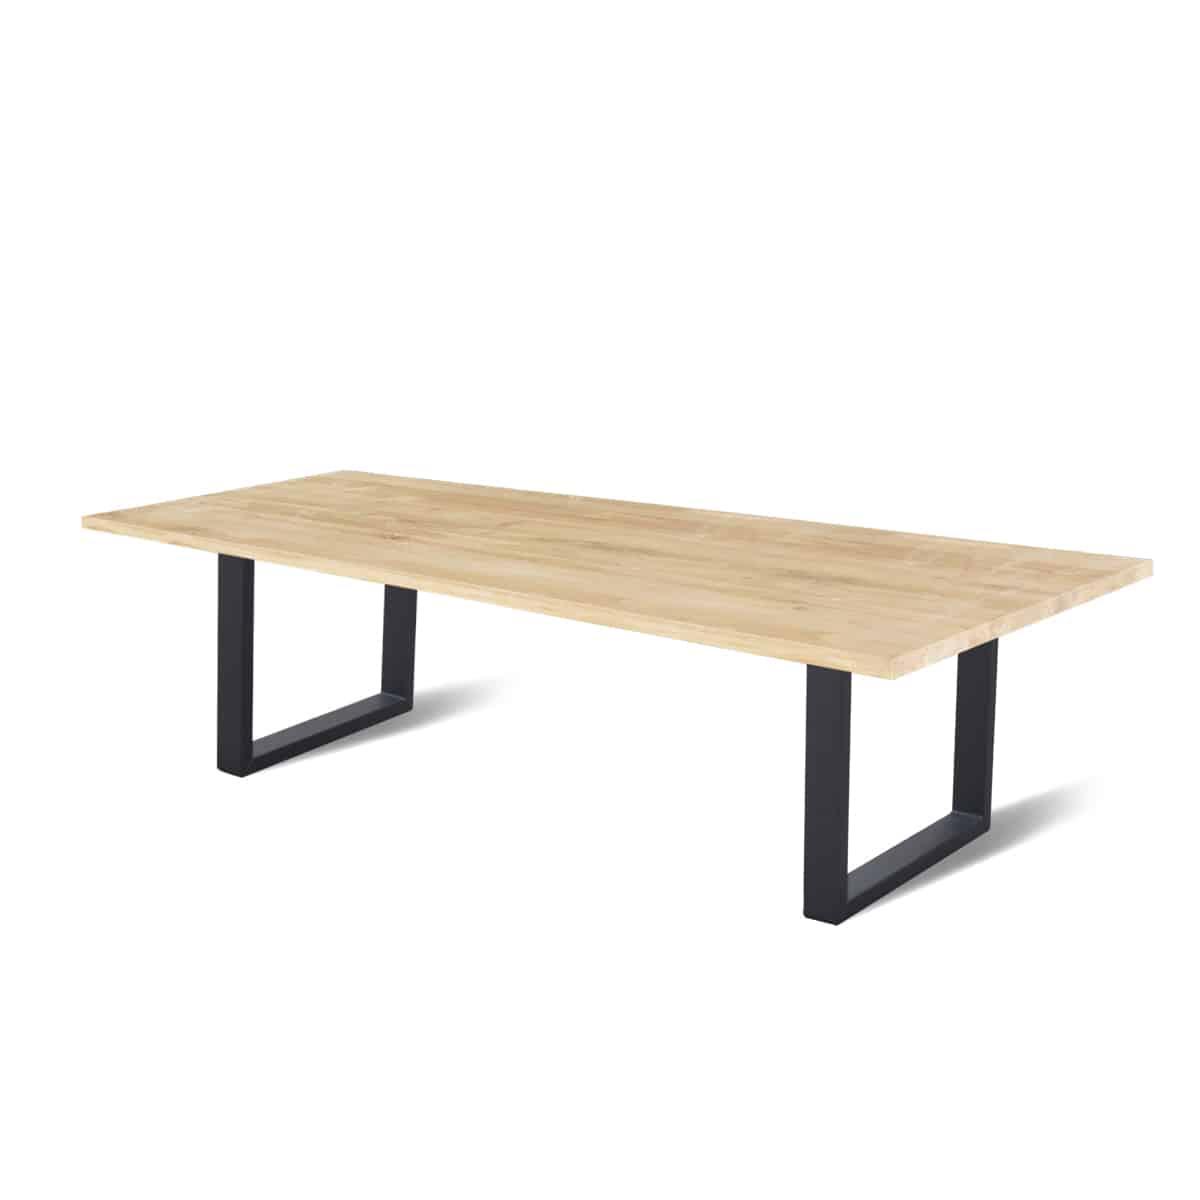 recht industriële eetkamer keuken tafel eikenhouten staal